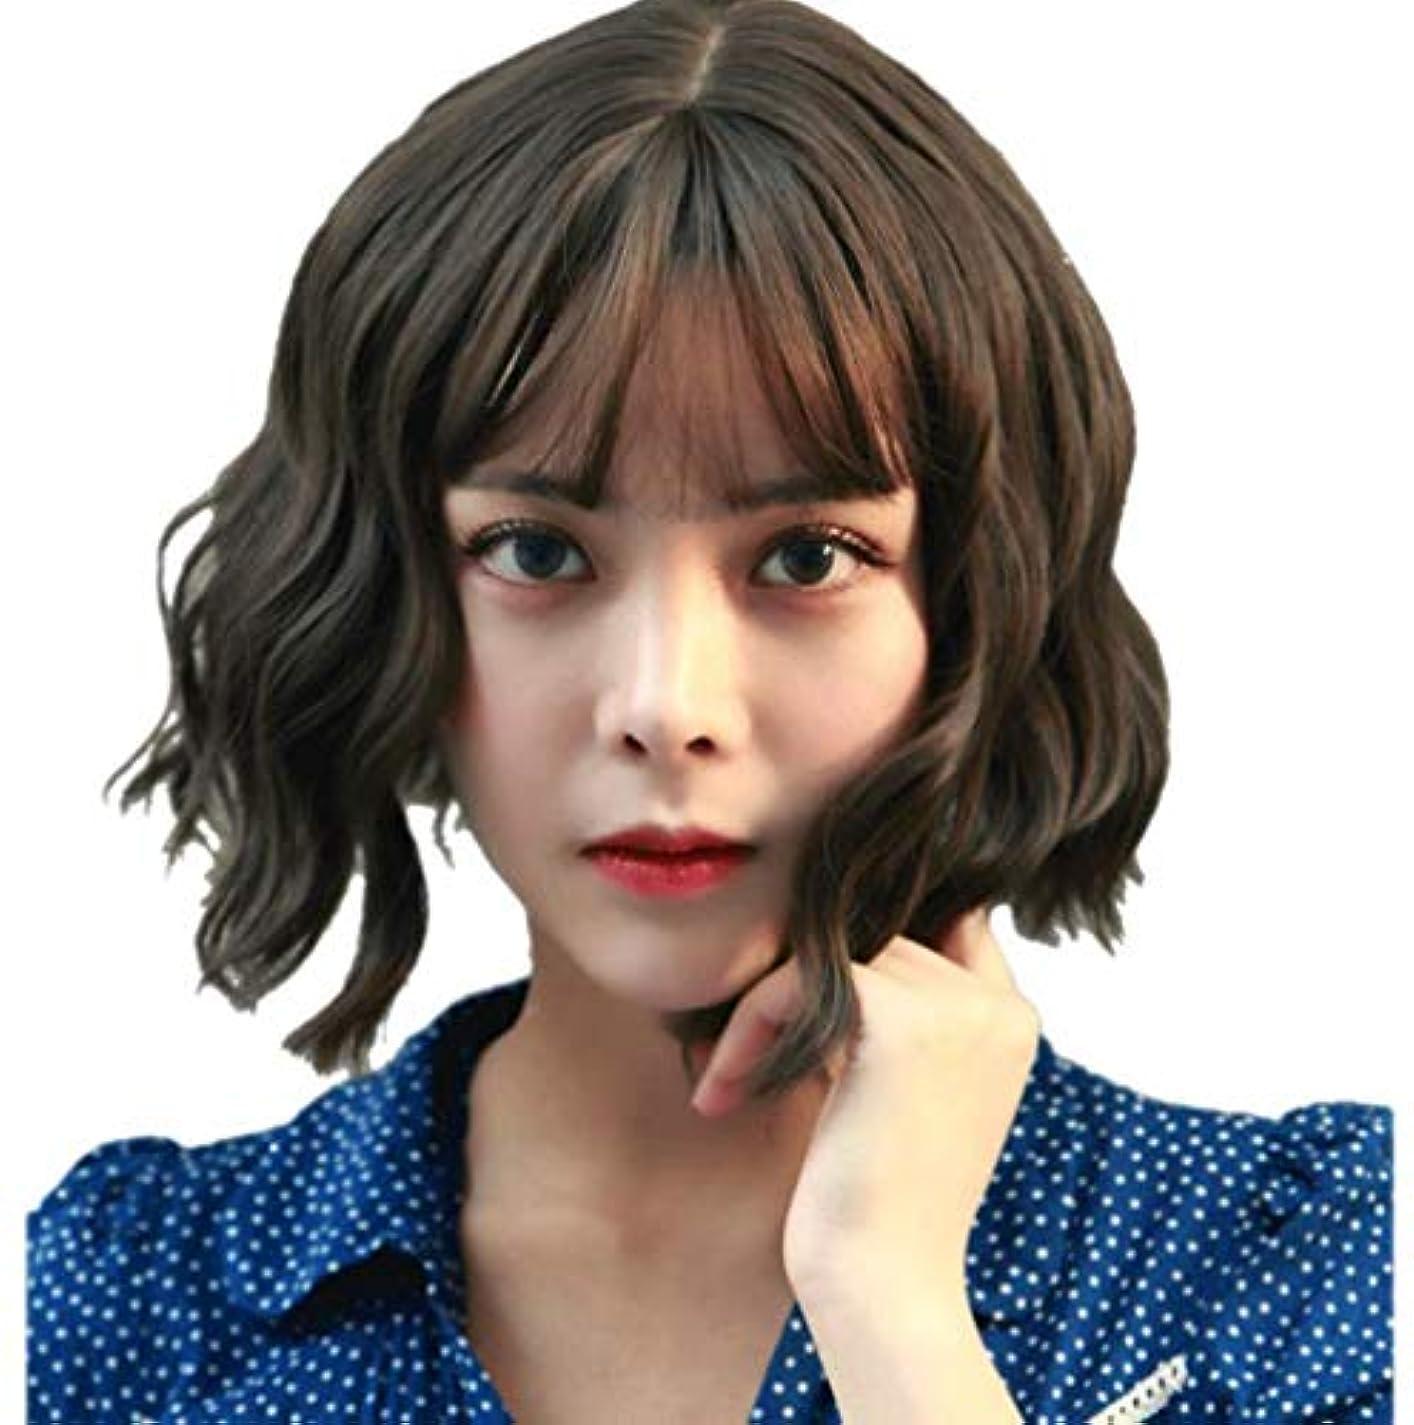 円周レポートを書く一緒にウィッグ女性のショートヘアショートカーリーヘアコーンホットウェーブヘッドバブルフェイスカーリングヘッド LH2207 (コールドブラウン)